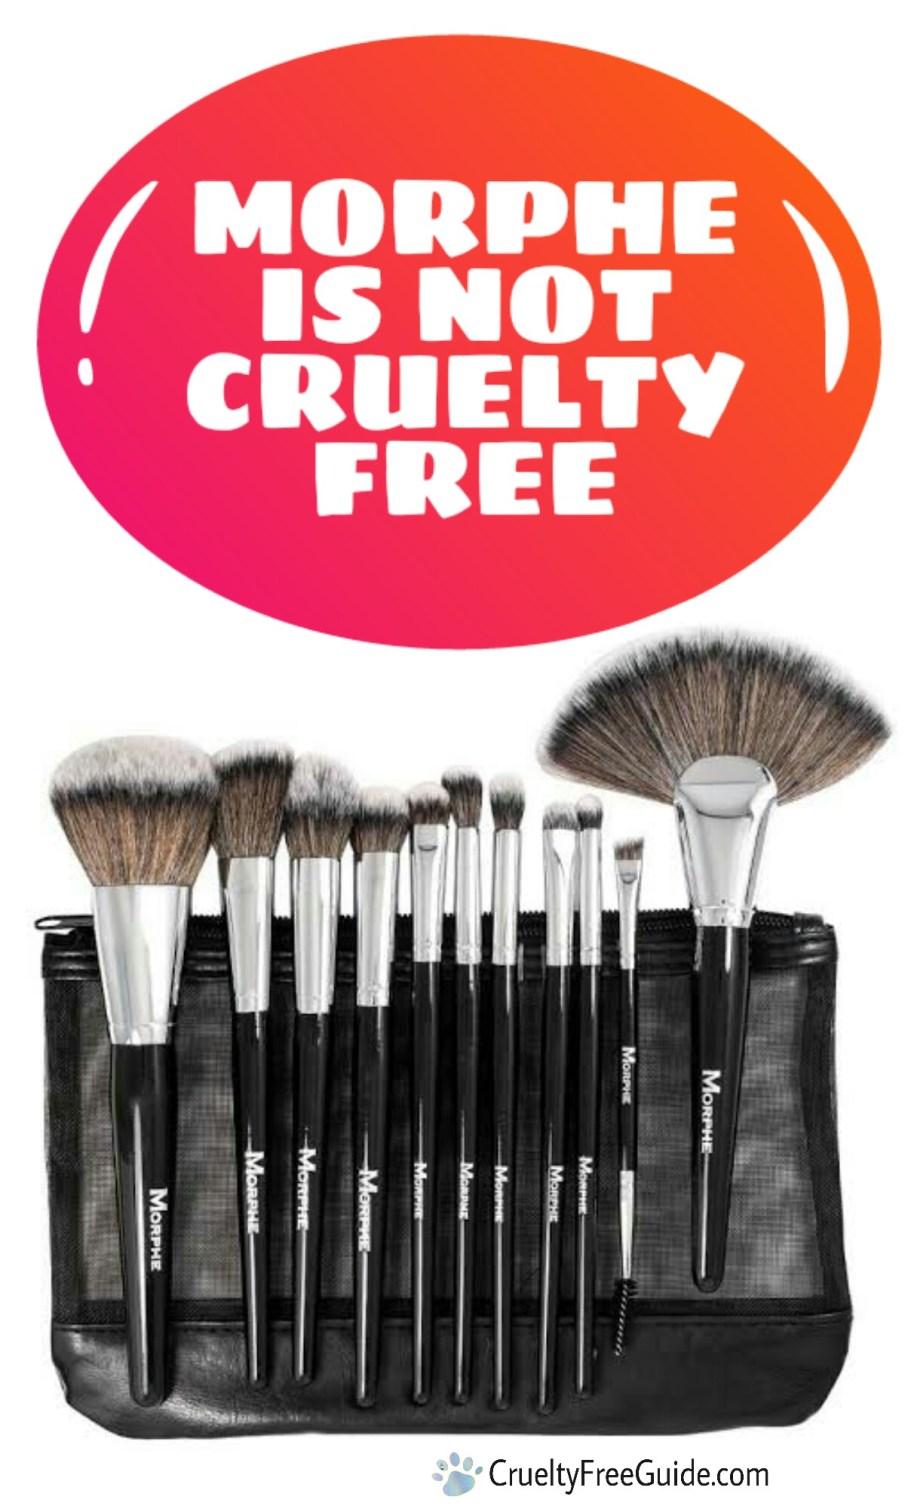 Morphe not cruelty free